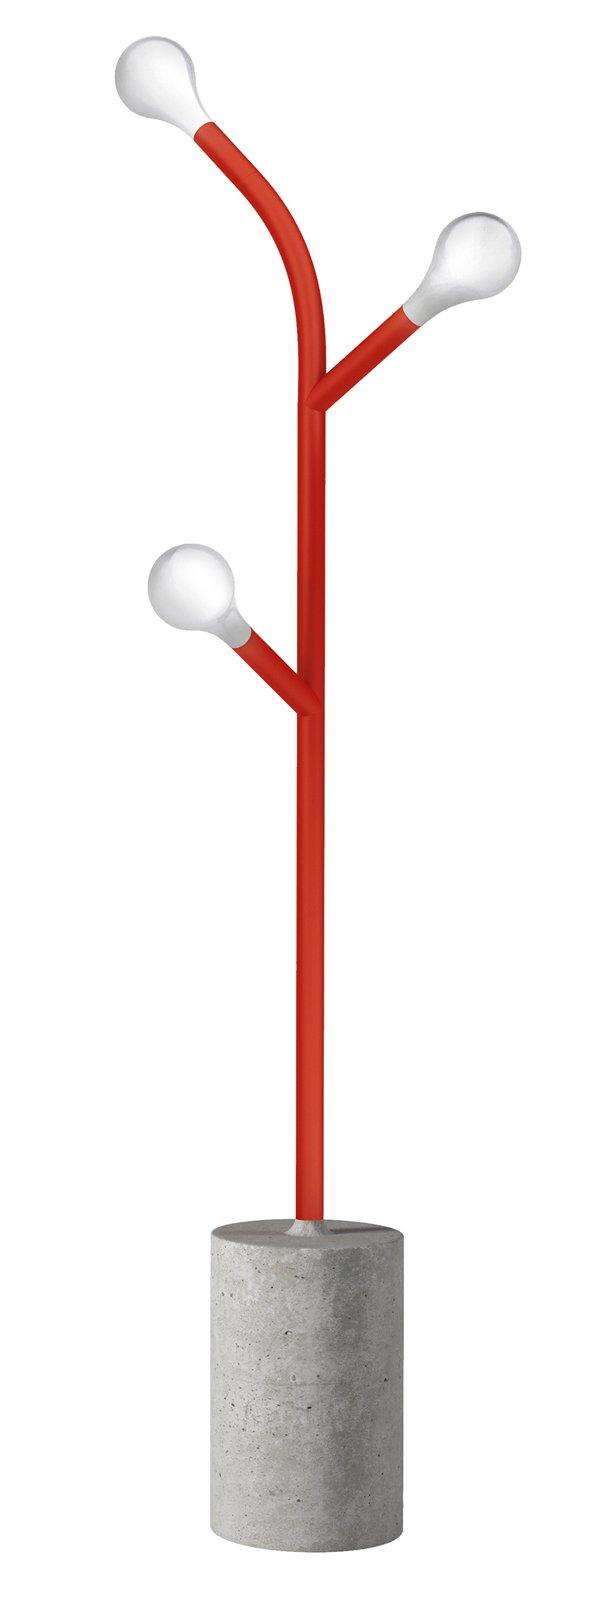 UN ALBERO LUMINOSO La base in cemento massiccio diventa il vaso che sostiene il fusto in metallo rosso opaco. Pom Pom di Calligaris (www.calligaris.it), design di Matteo Cibic, ha tre corpi illuminanti in vetro soffiato bianco acidato. Funziona a led. Misura L 35 x P 15 x H 162 cm, costa 837 euro.